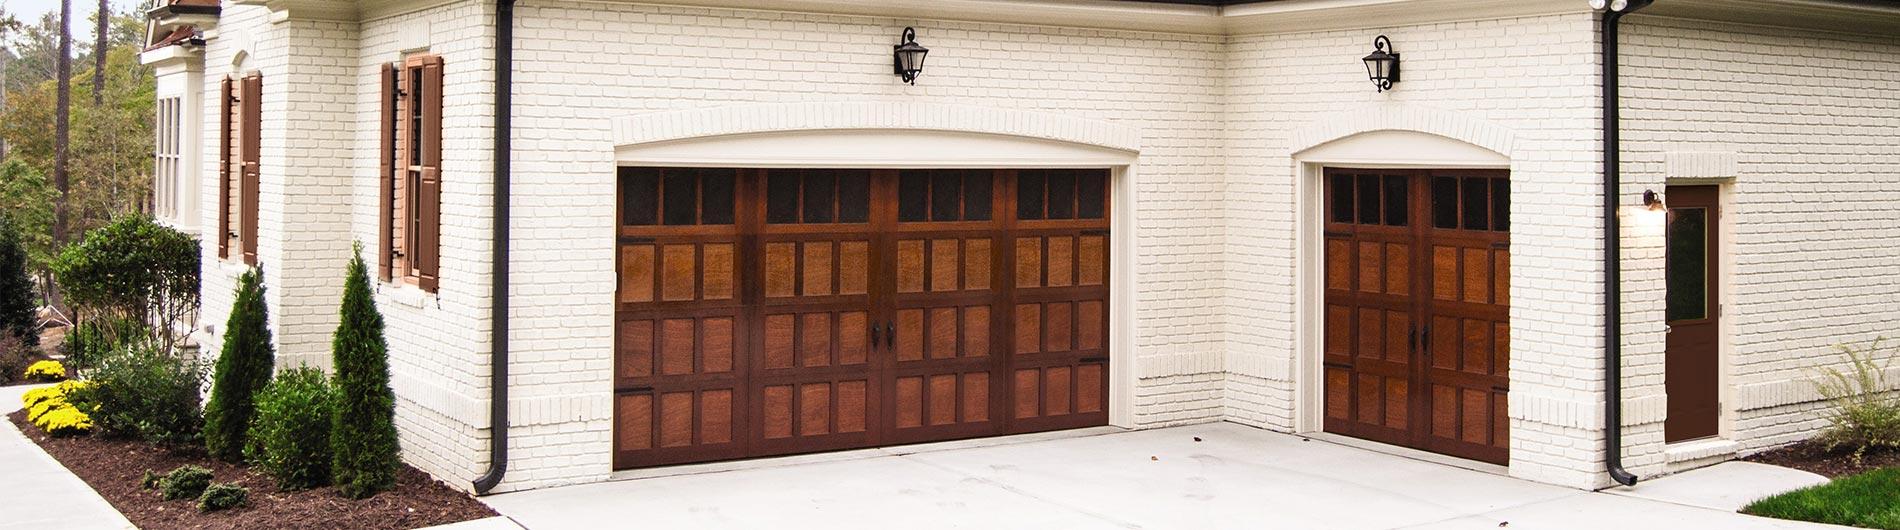 Wood Garage Doors 7100 series